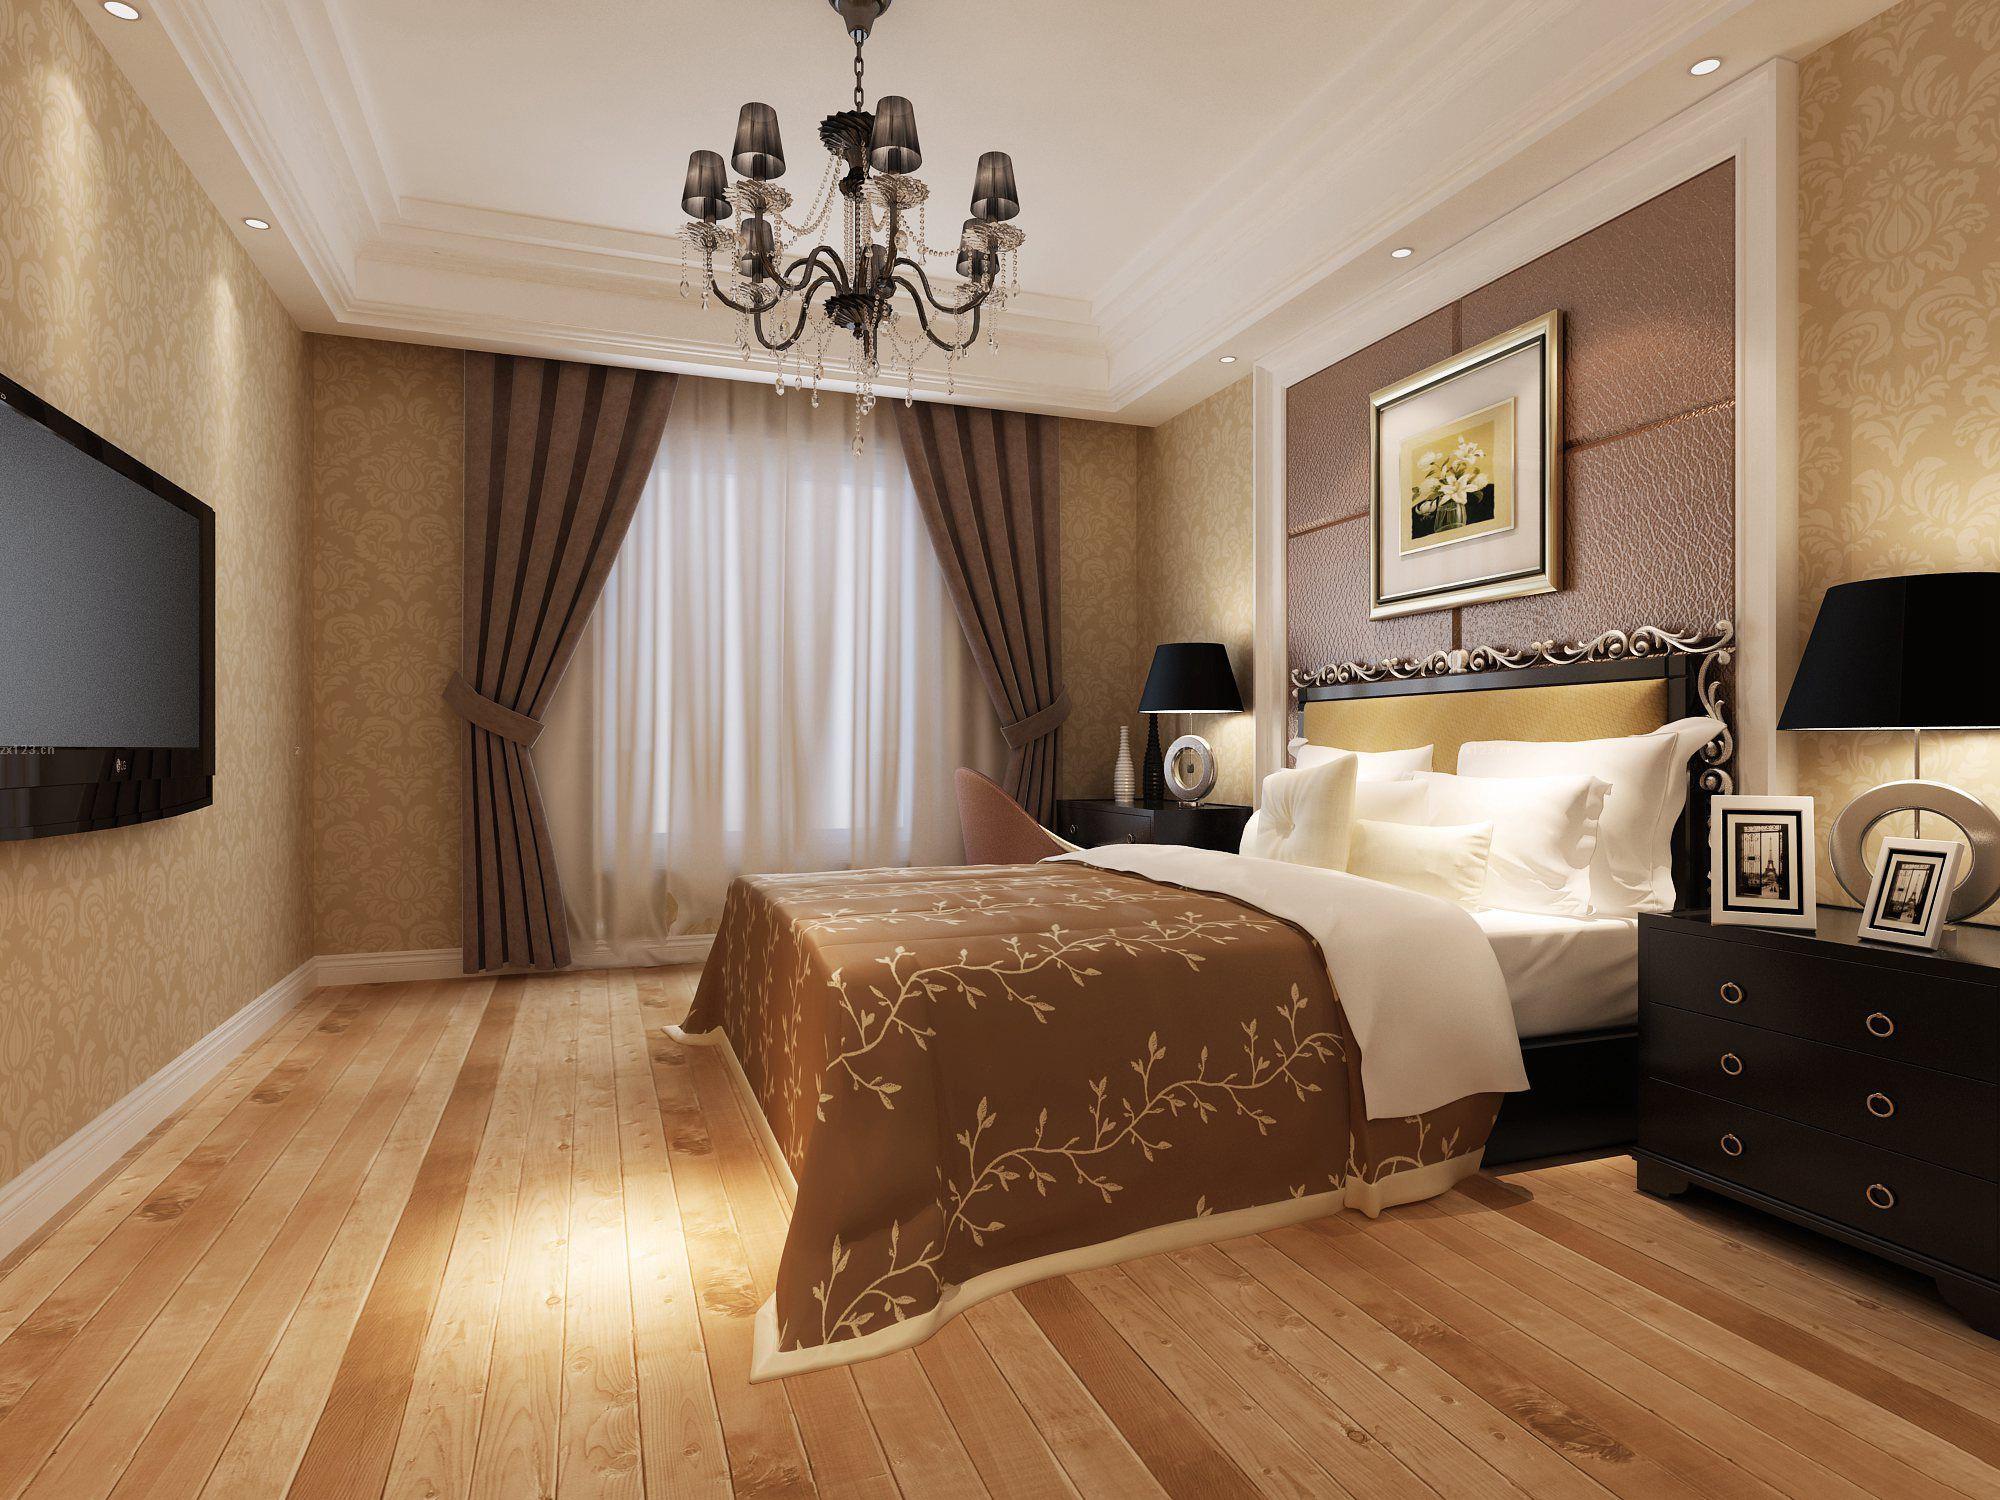 婚房欧式卧室壁纸装修效果图,十平米婚房卧室装修效果图